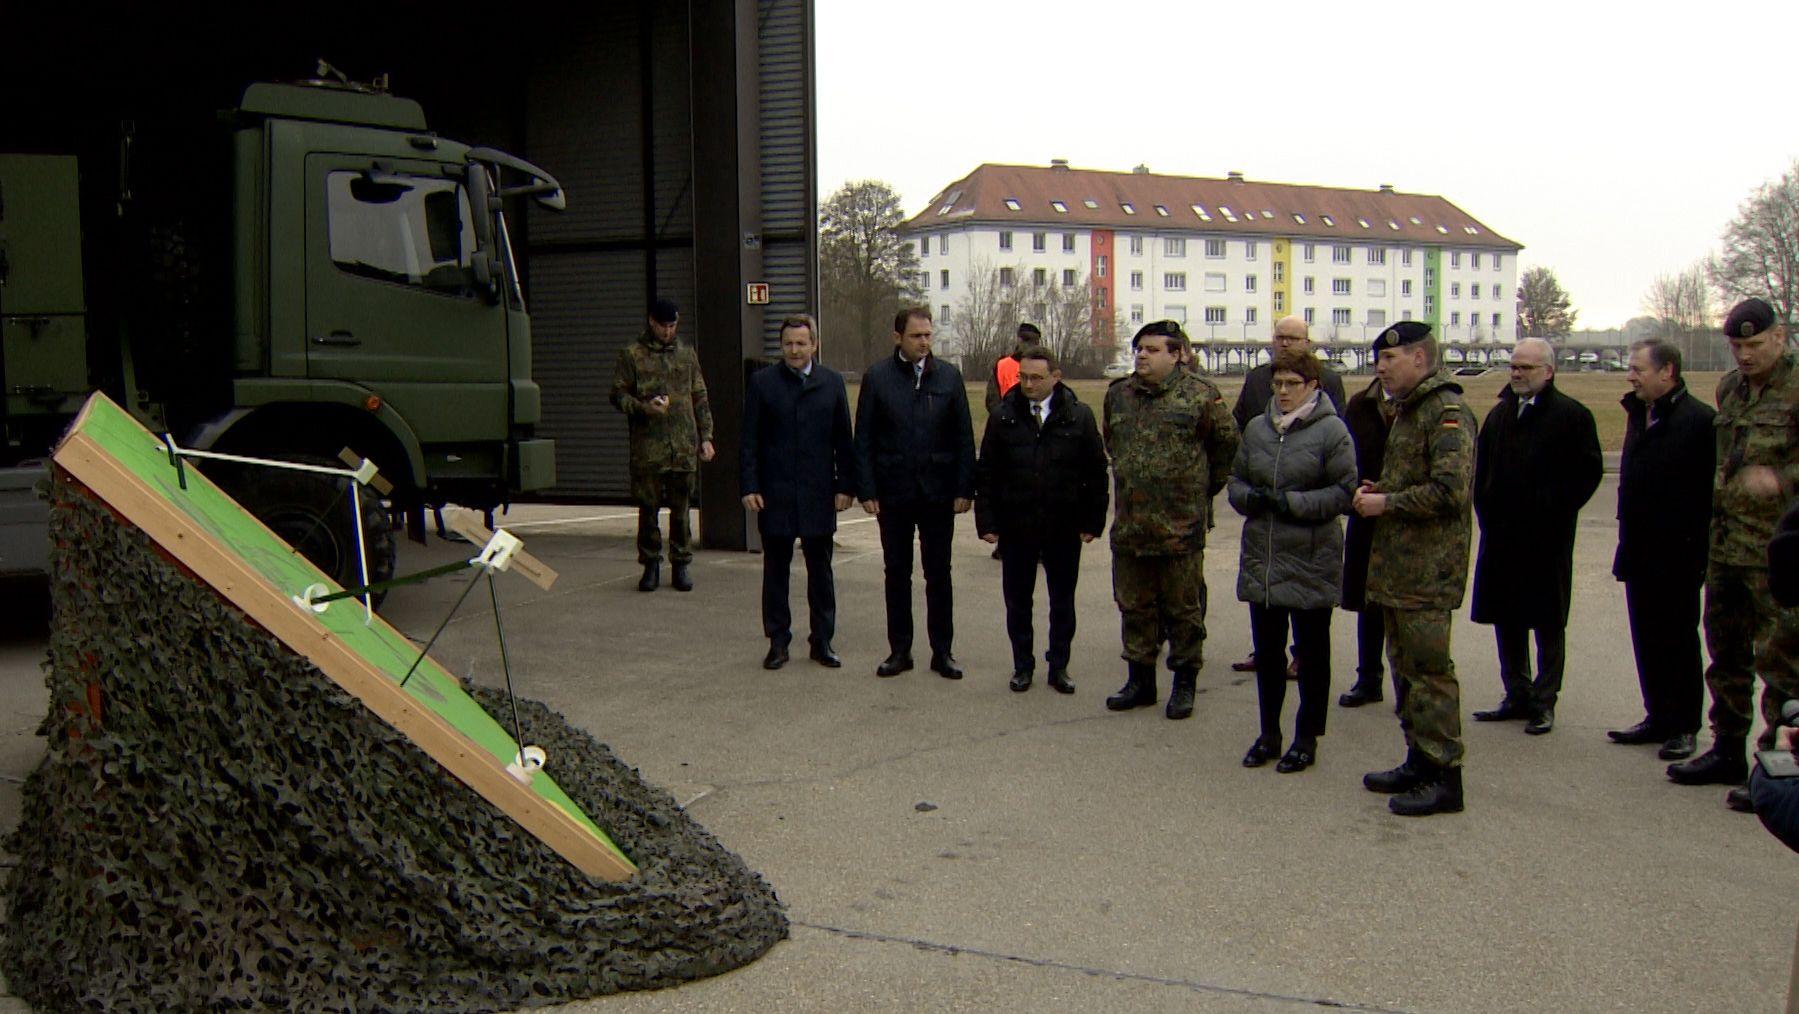 Verteidigungsministerin Annegret Kramp-Karrenbauer ließ sich in Dillingen die Kommunikationstechnologie der Bundeswehr zeigen.